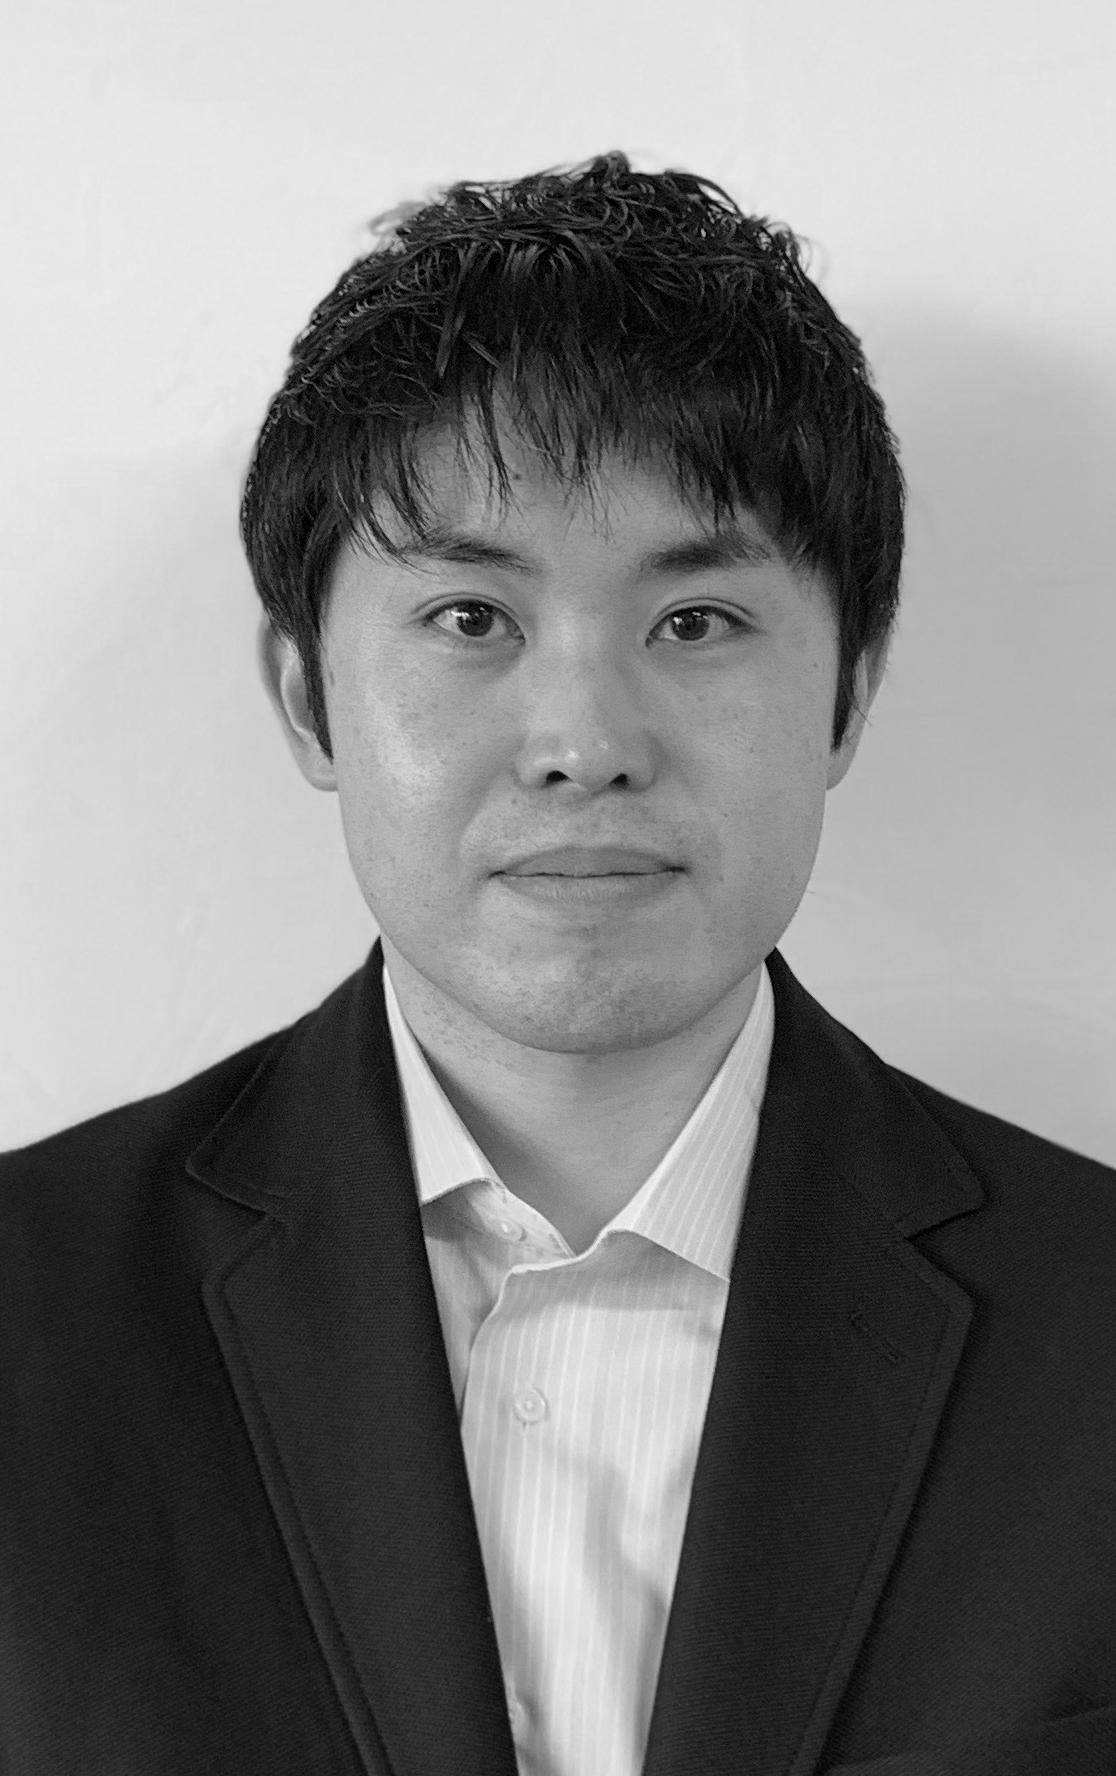 Yasunobu Ichikawa